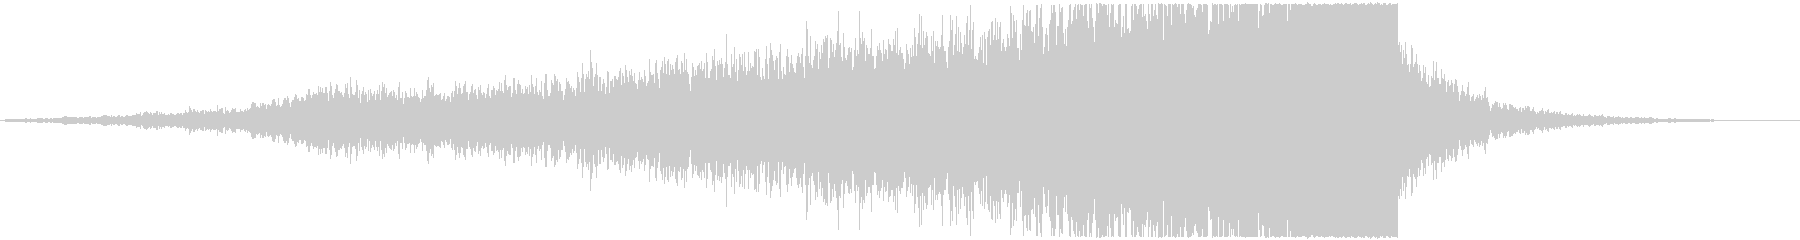 【インパクト】壮大なライザー音_03の未再生の波形